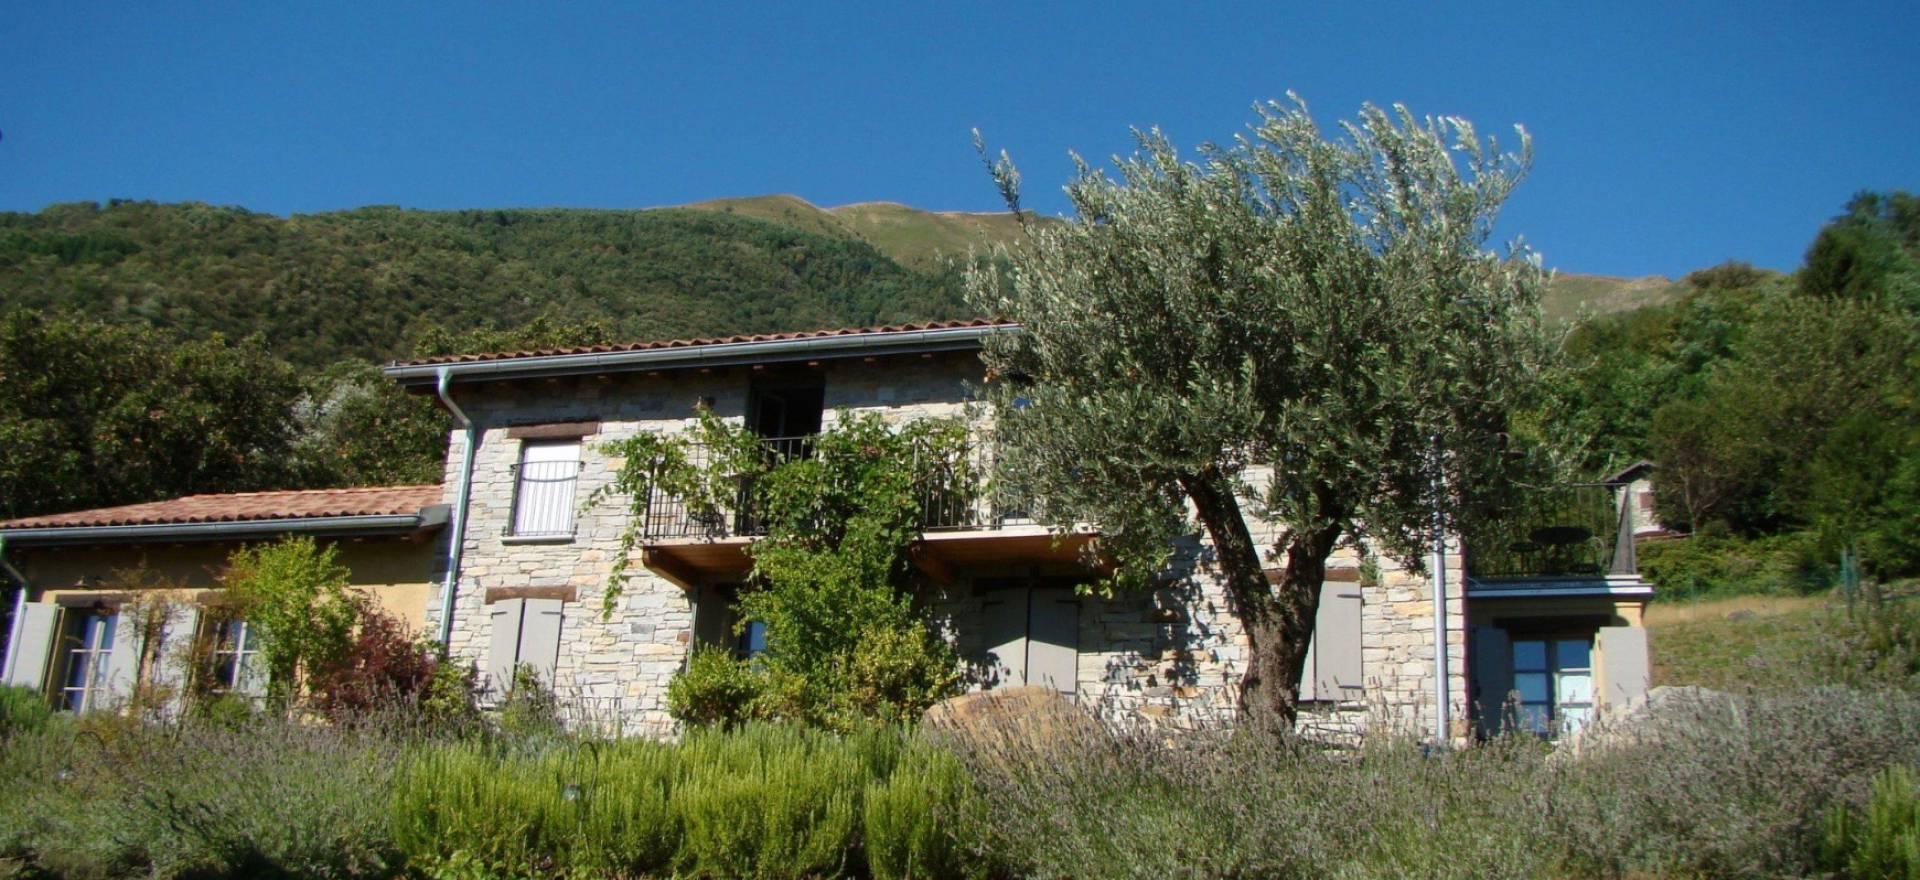 Agriturismo Comomeer en Gardameer Agriturismo Comomeer, luxe kamers, zwembad en meerzicht